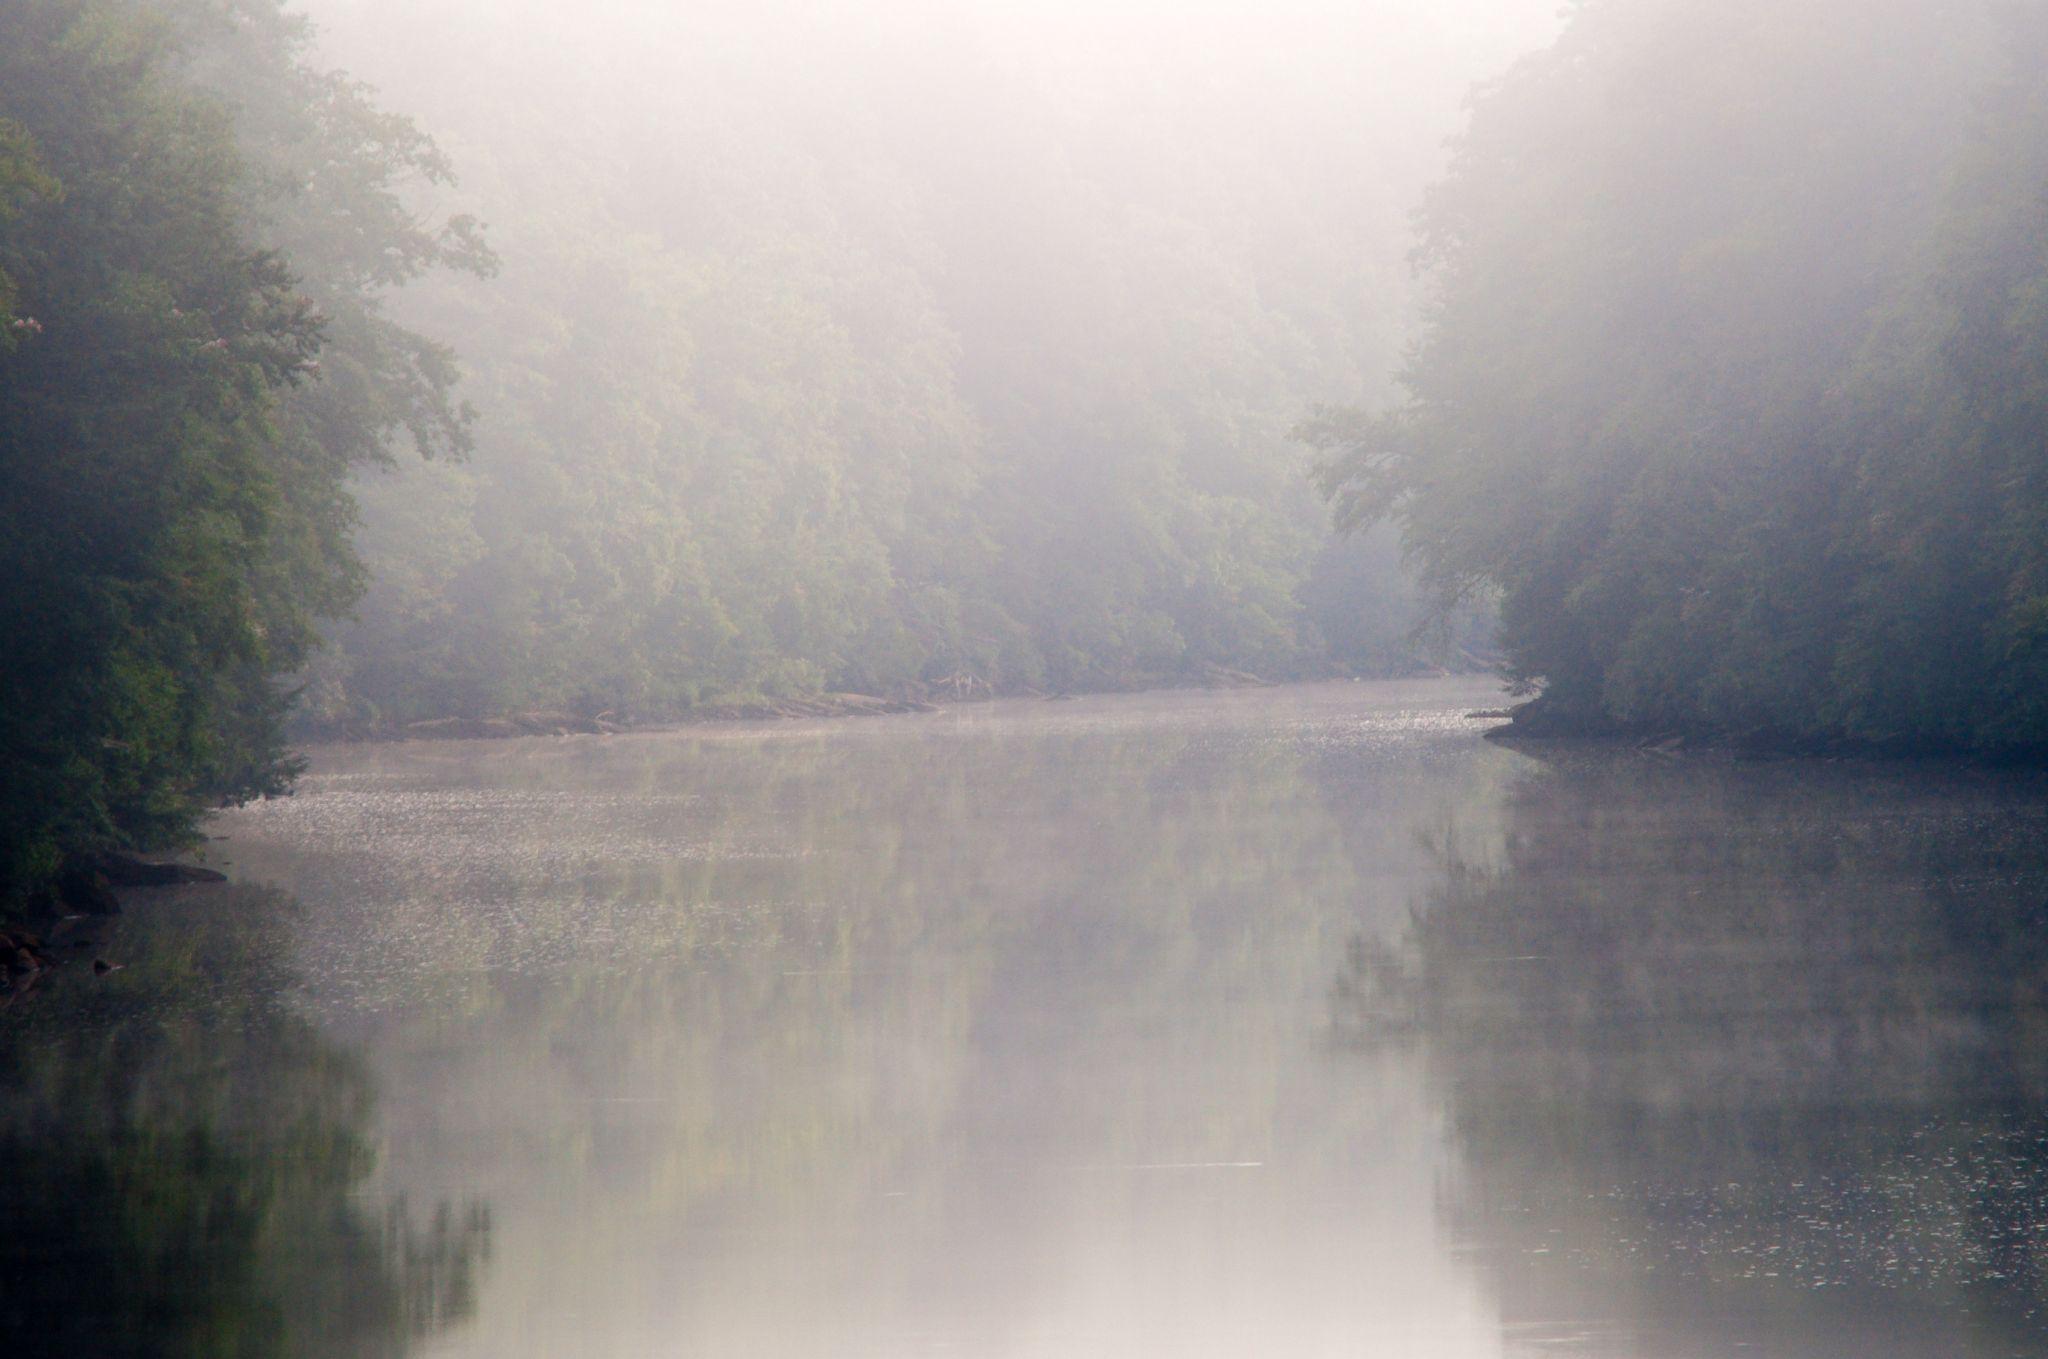 Clarion River at Shamburg, USA